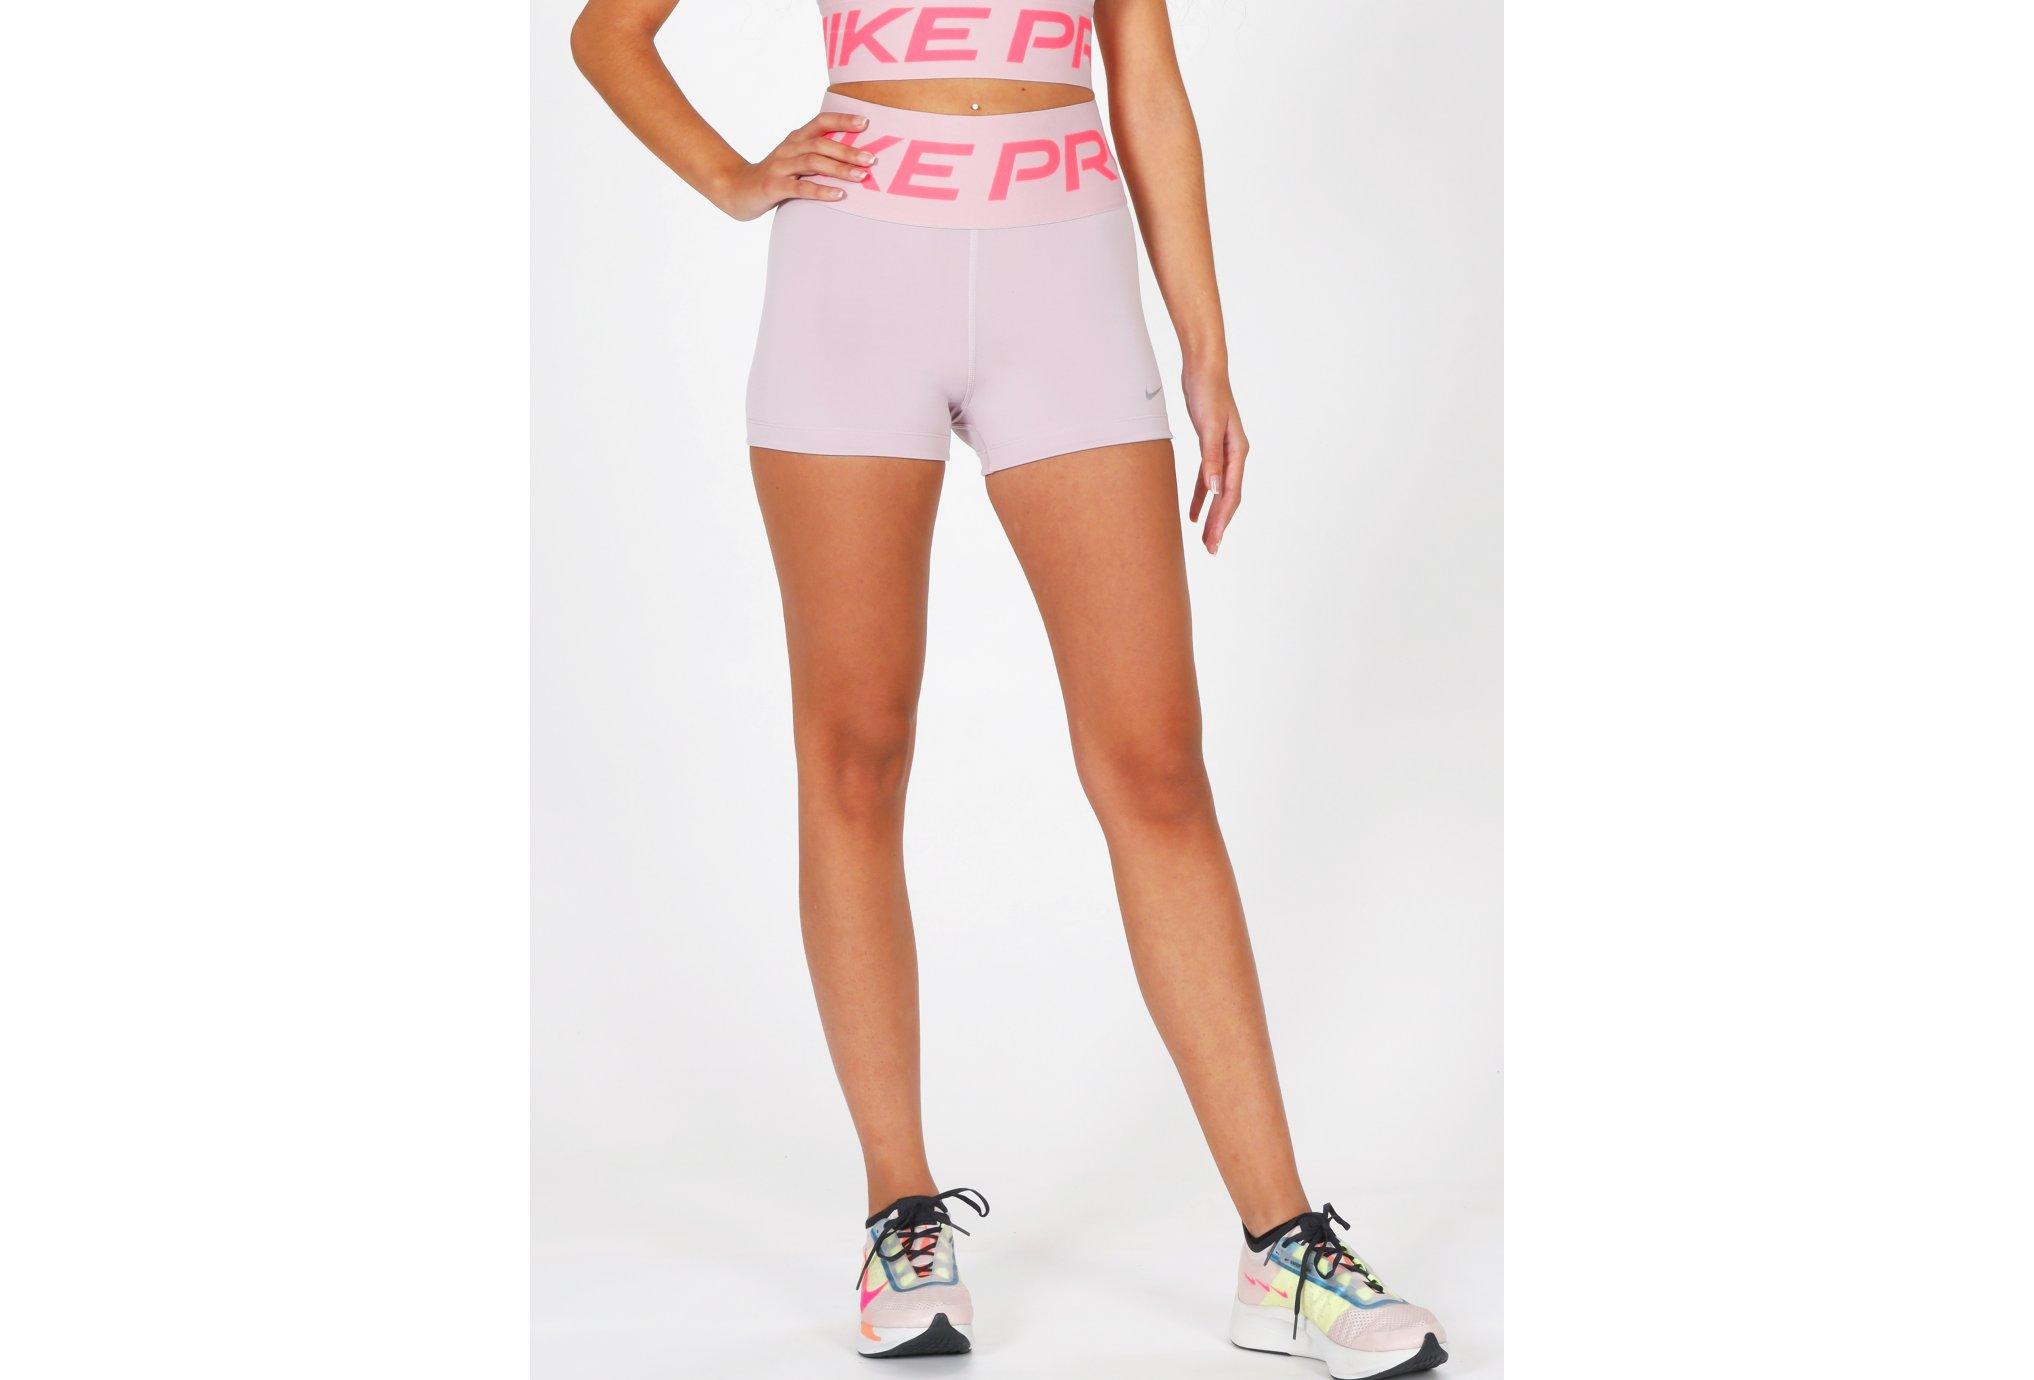 Nike Pro Novelty W Diététique Vêtements femme